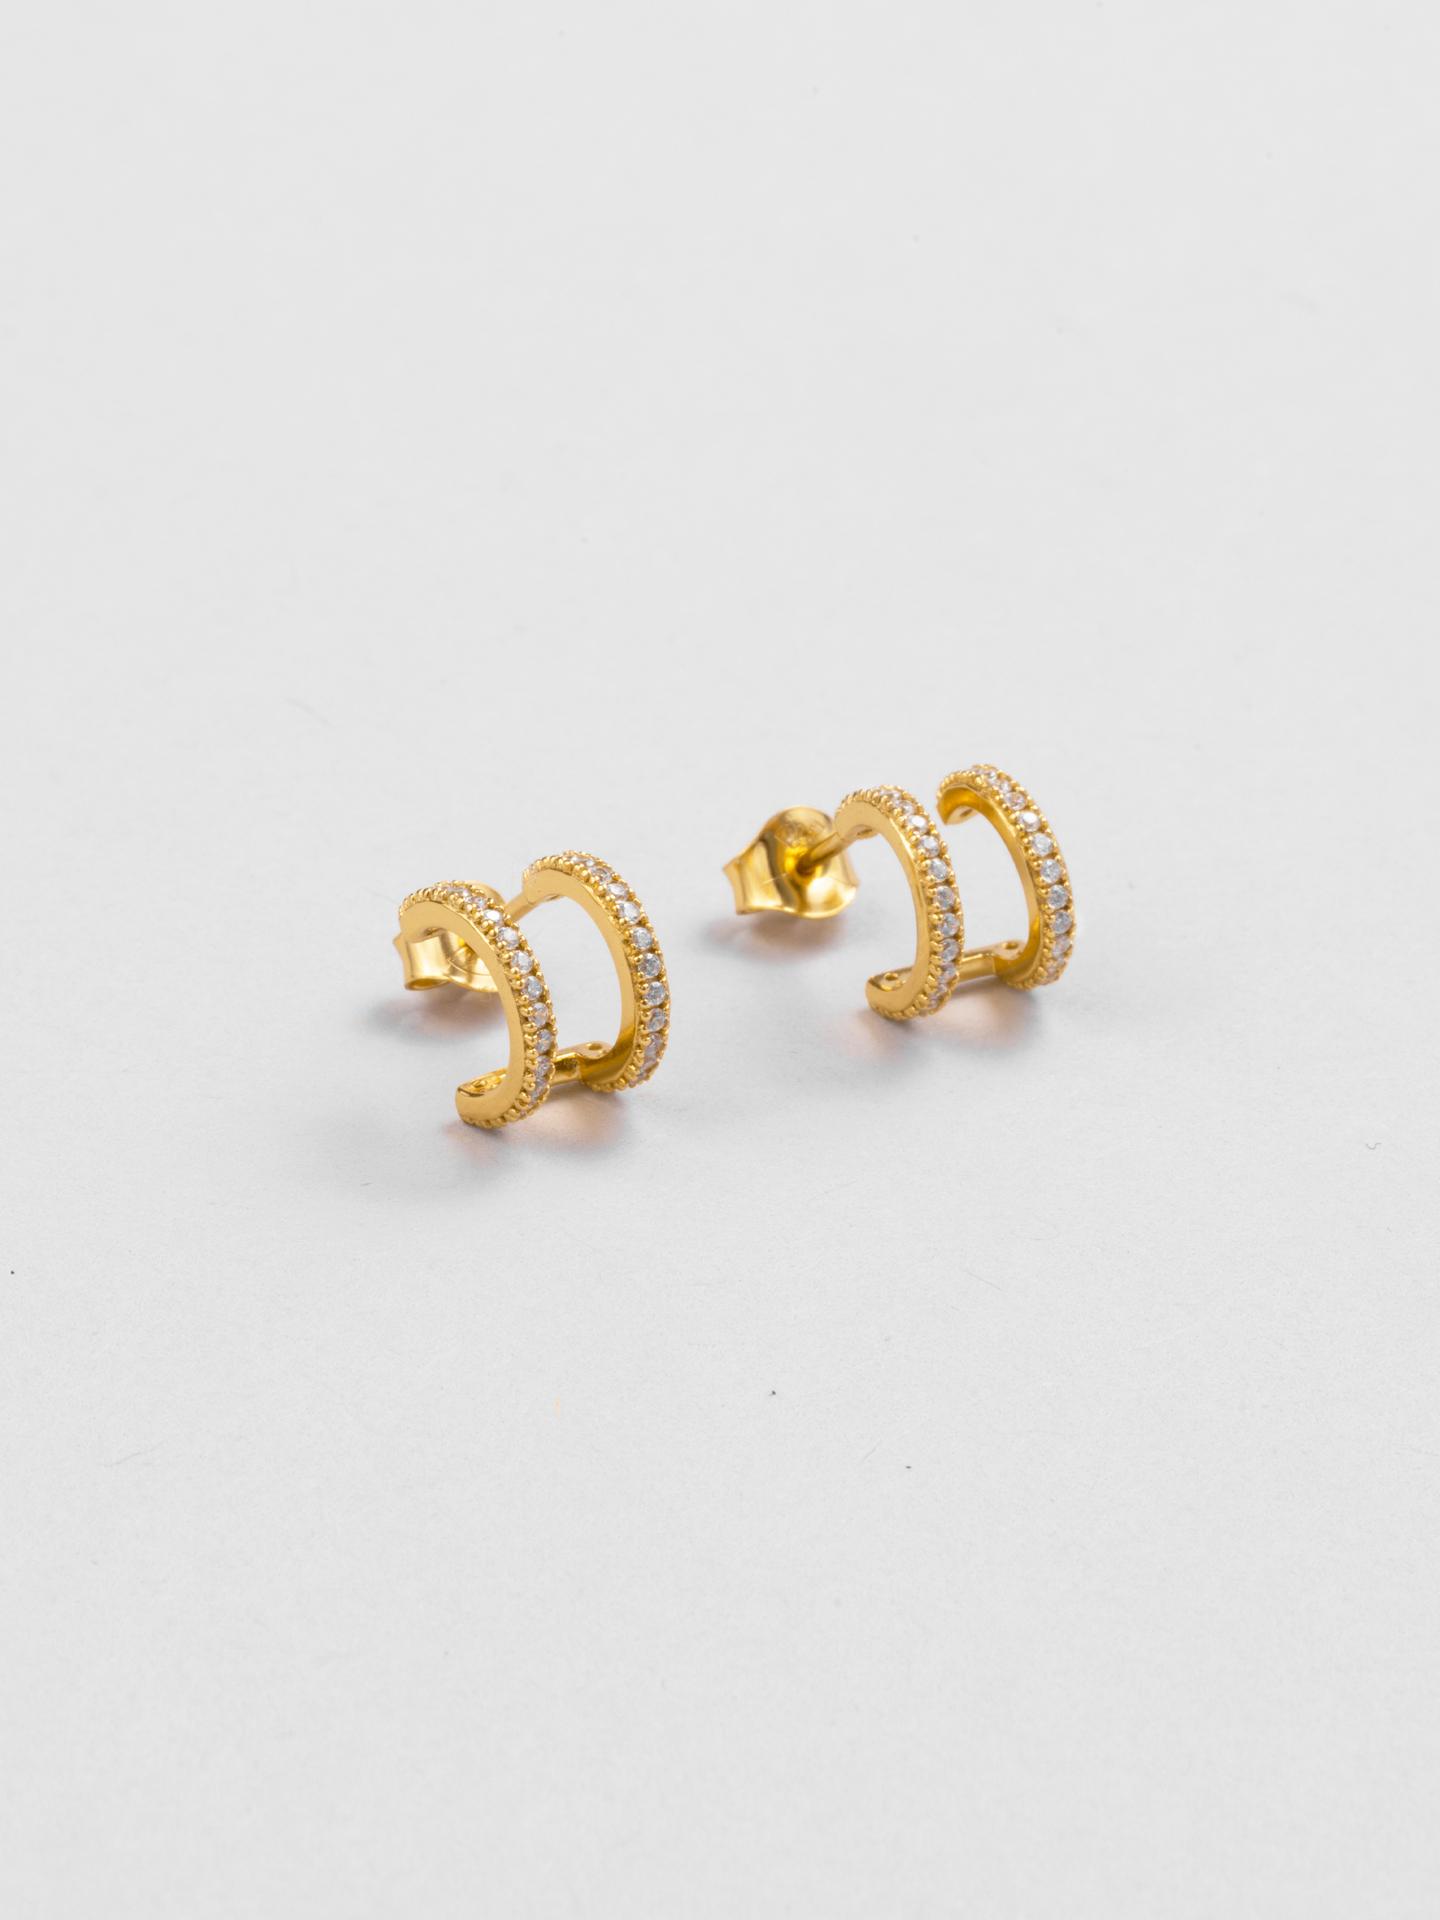 Double Dimension Earrings